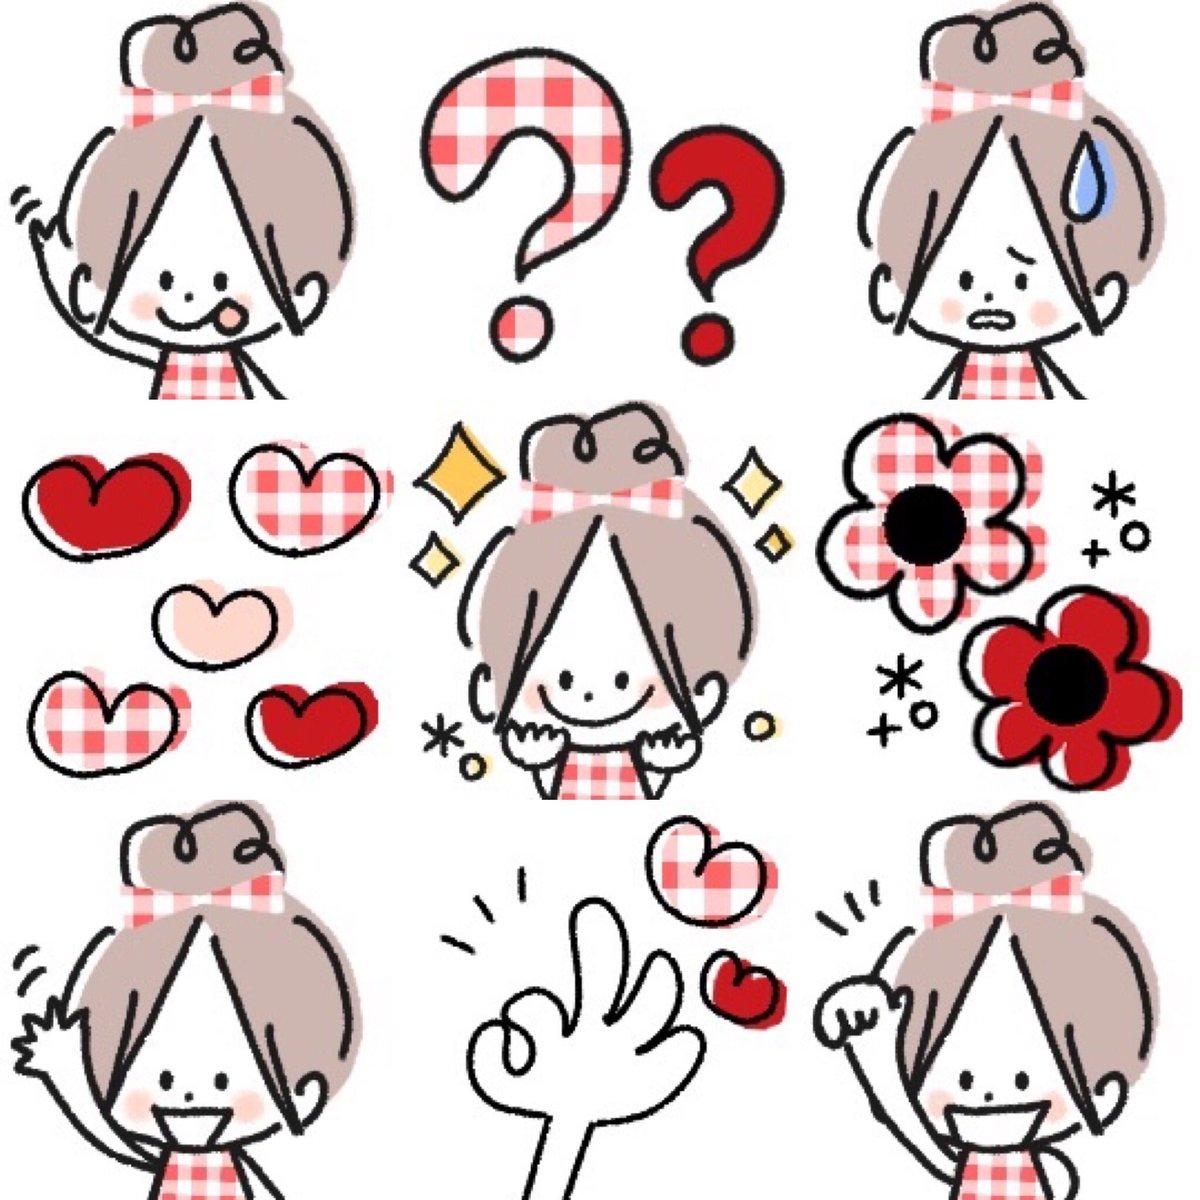 #LINE絵文字 #イラスト好きさんと繋がりたい #可愛い #ゆるかわ リリースしました😃✨❤️おダンコガール♡     毎日の絵文字4❤️赤いチェックがかわいい女の子です。毎日のメッセージに使いやすい絵文字です。よろしくお願いします🙇♀️💕